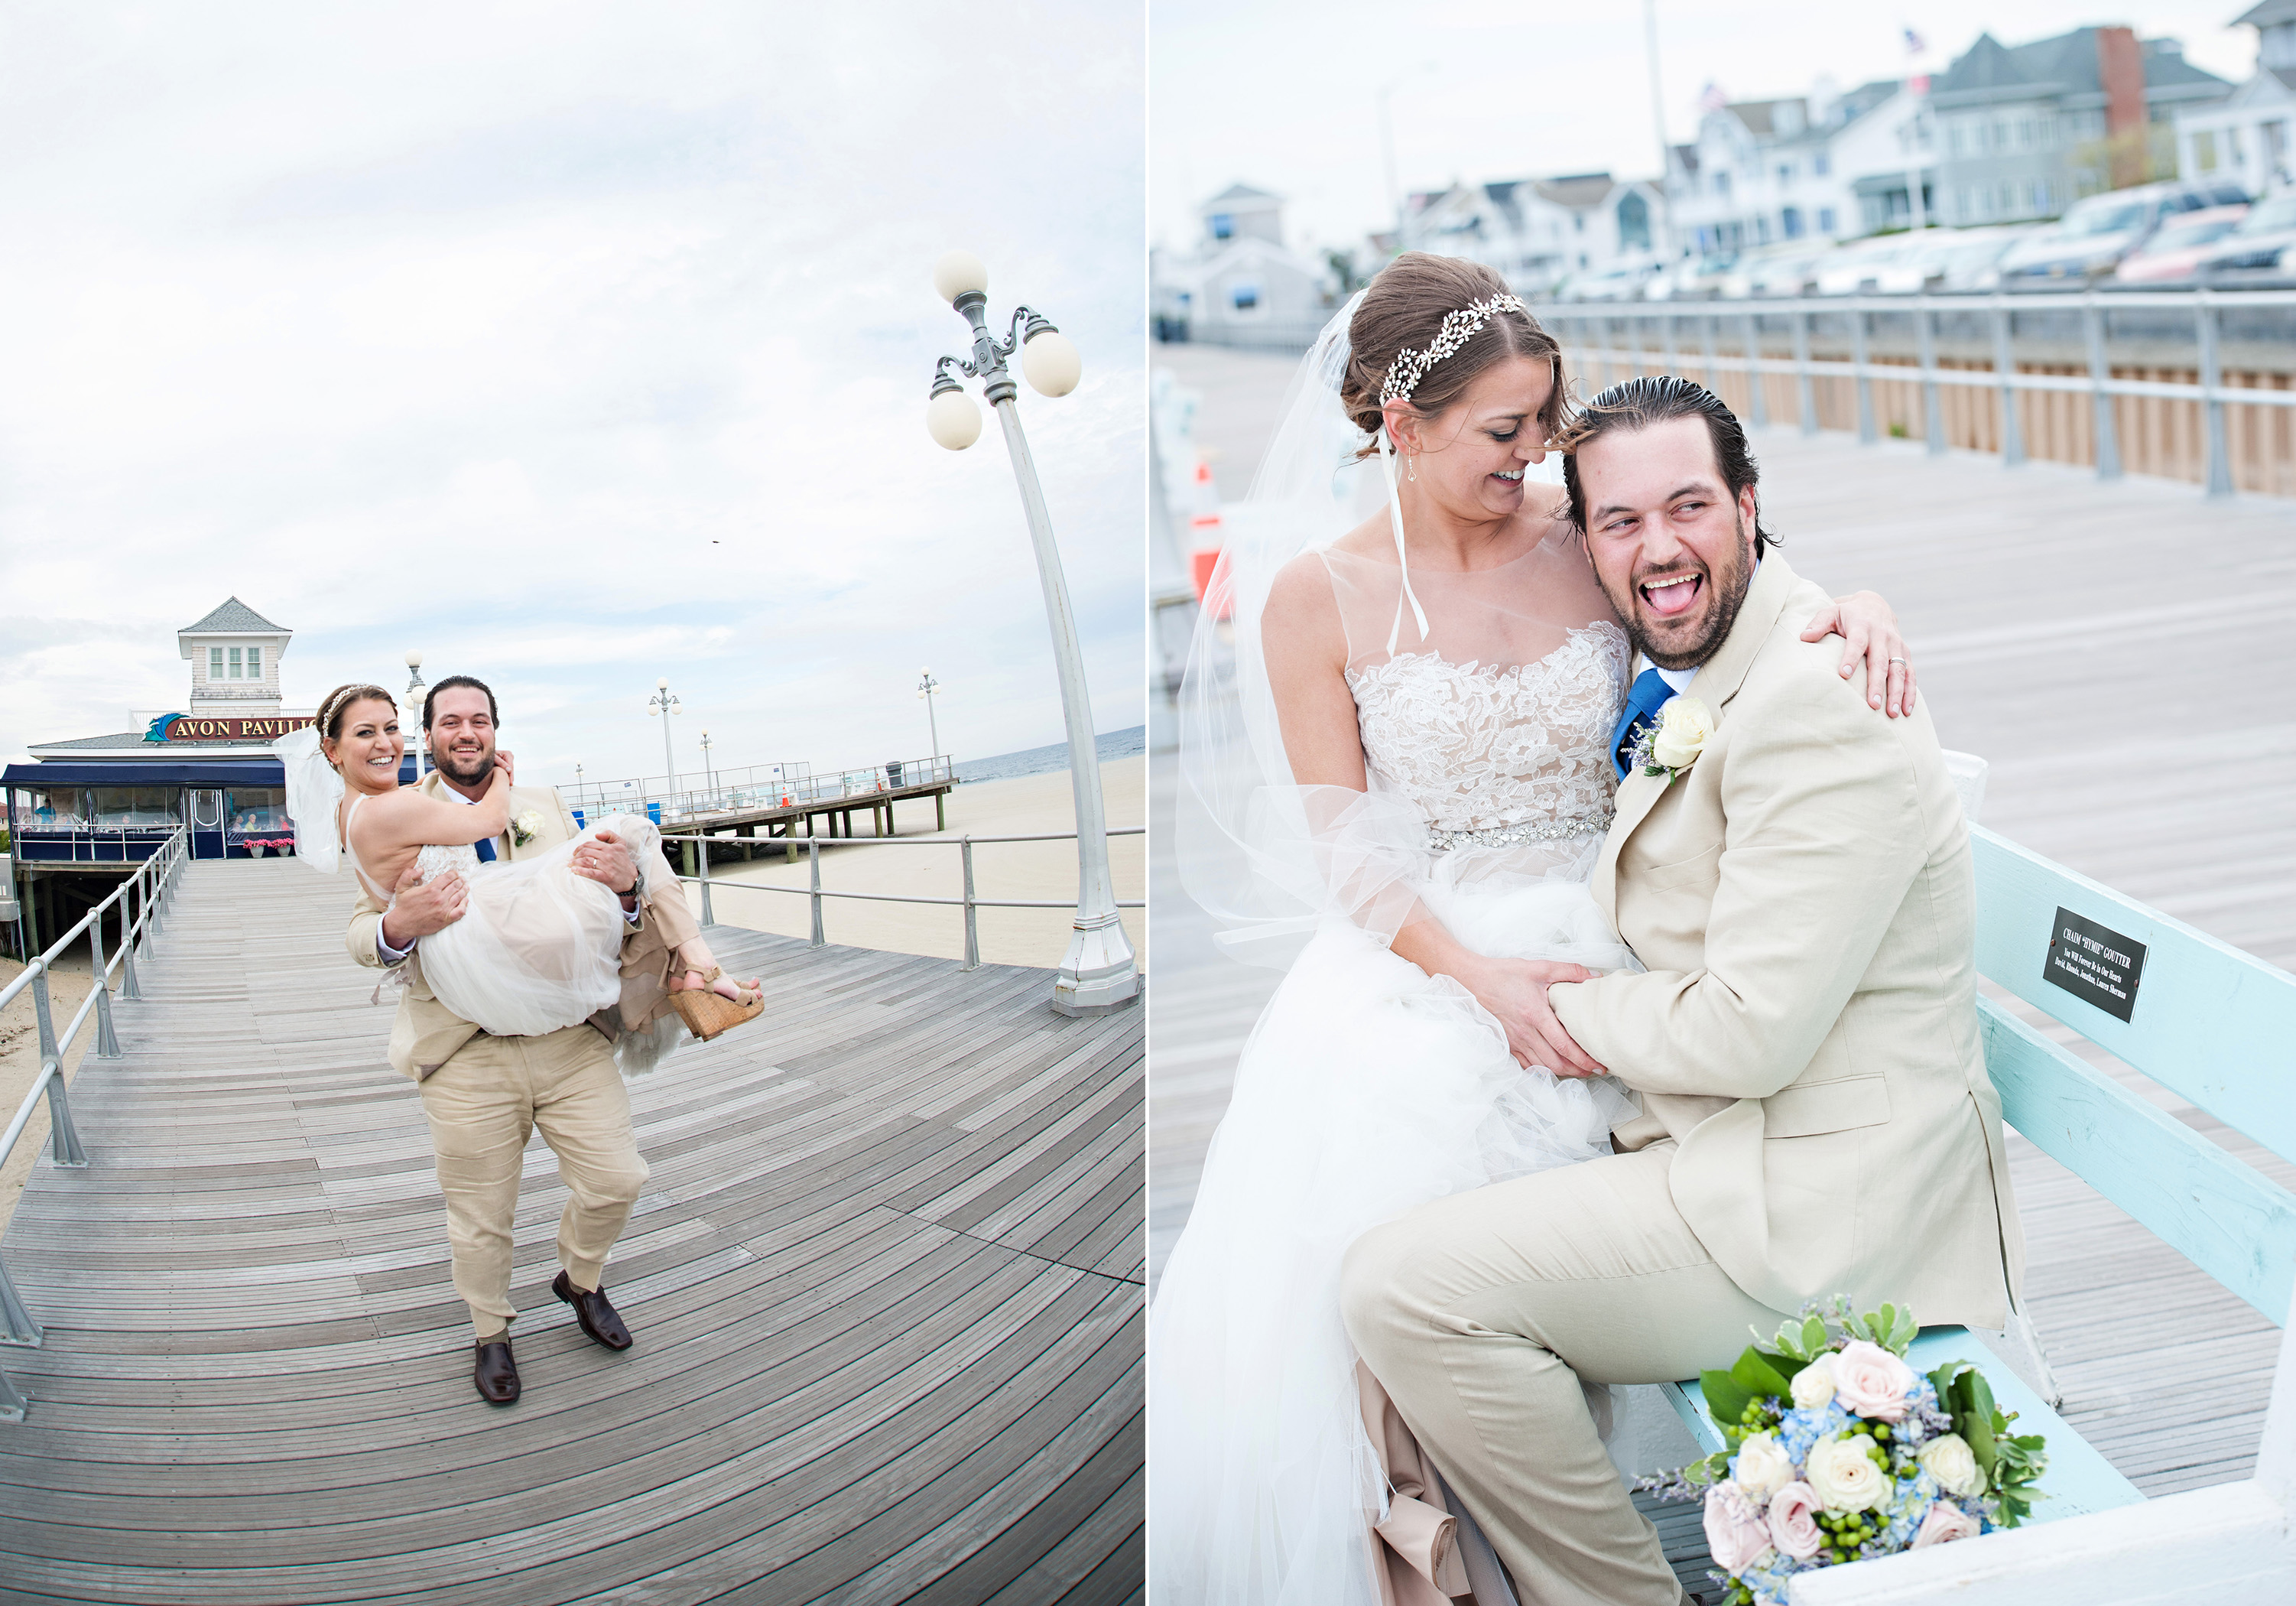 42-Sara Stadtmiller-SRS-Photography-Asbury-Park-Wedding-Photographer-Monmouth-County-Wedding-Photographer-NJ-Wedding-Photographer-Avon-by-the-Sea-Wedding-The-Columns-Wedding